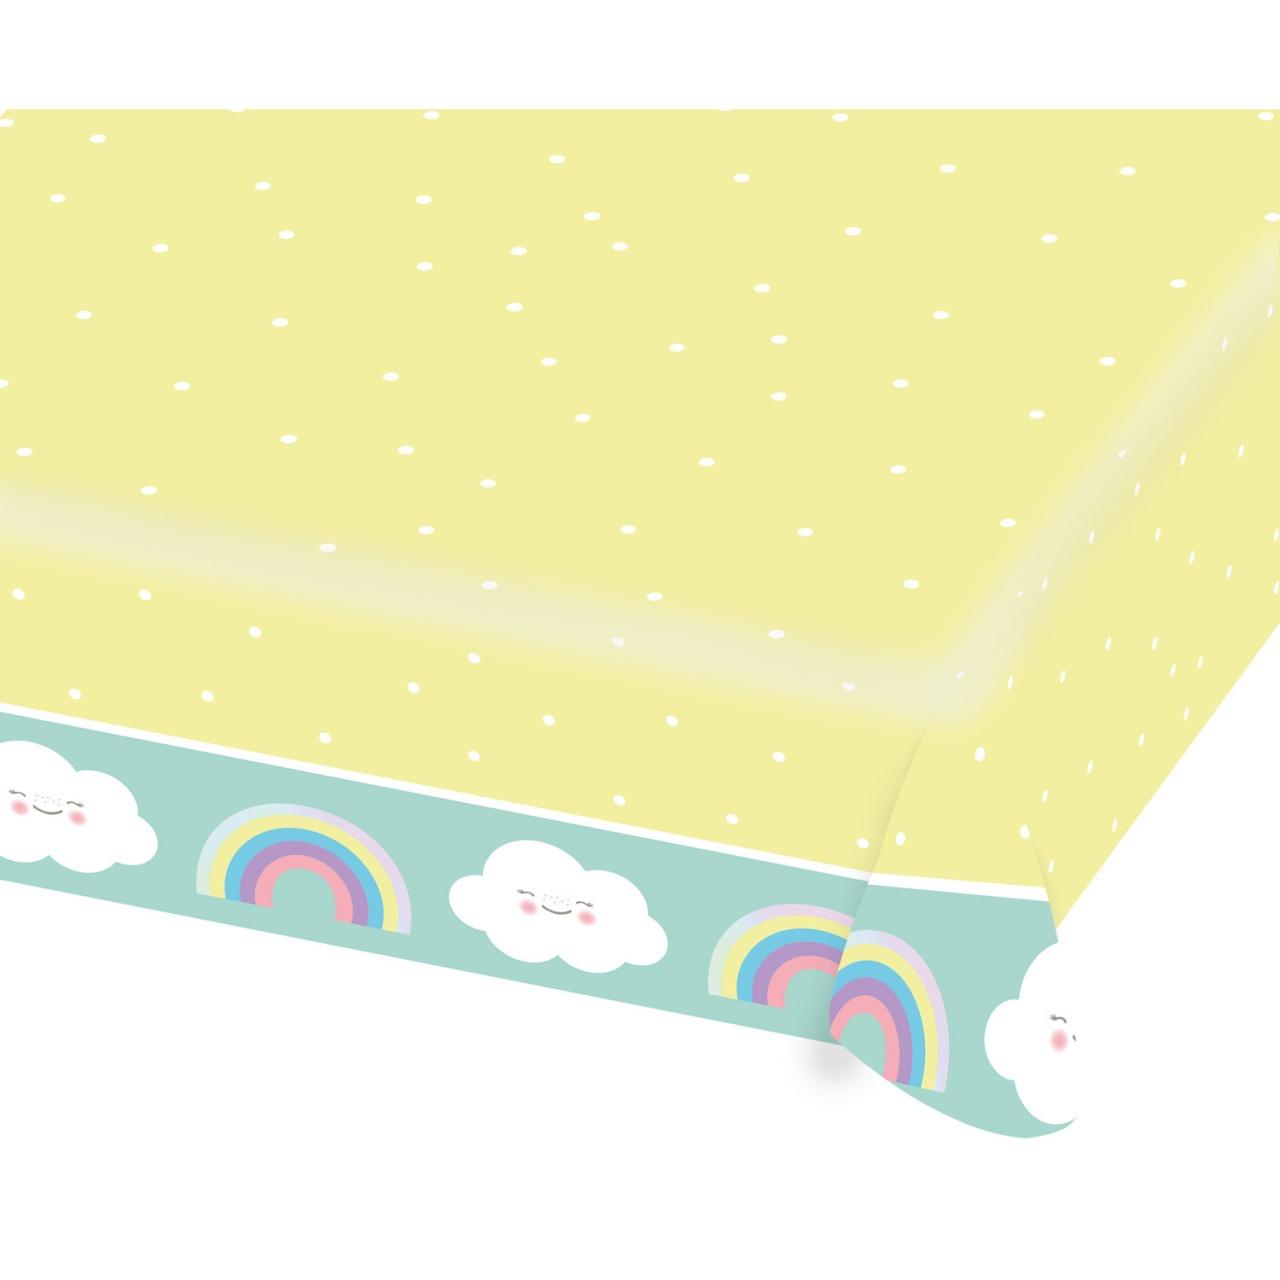 Papiertischdecke Regenbogen und Wolke 1,15 x 1,75 m